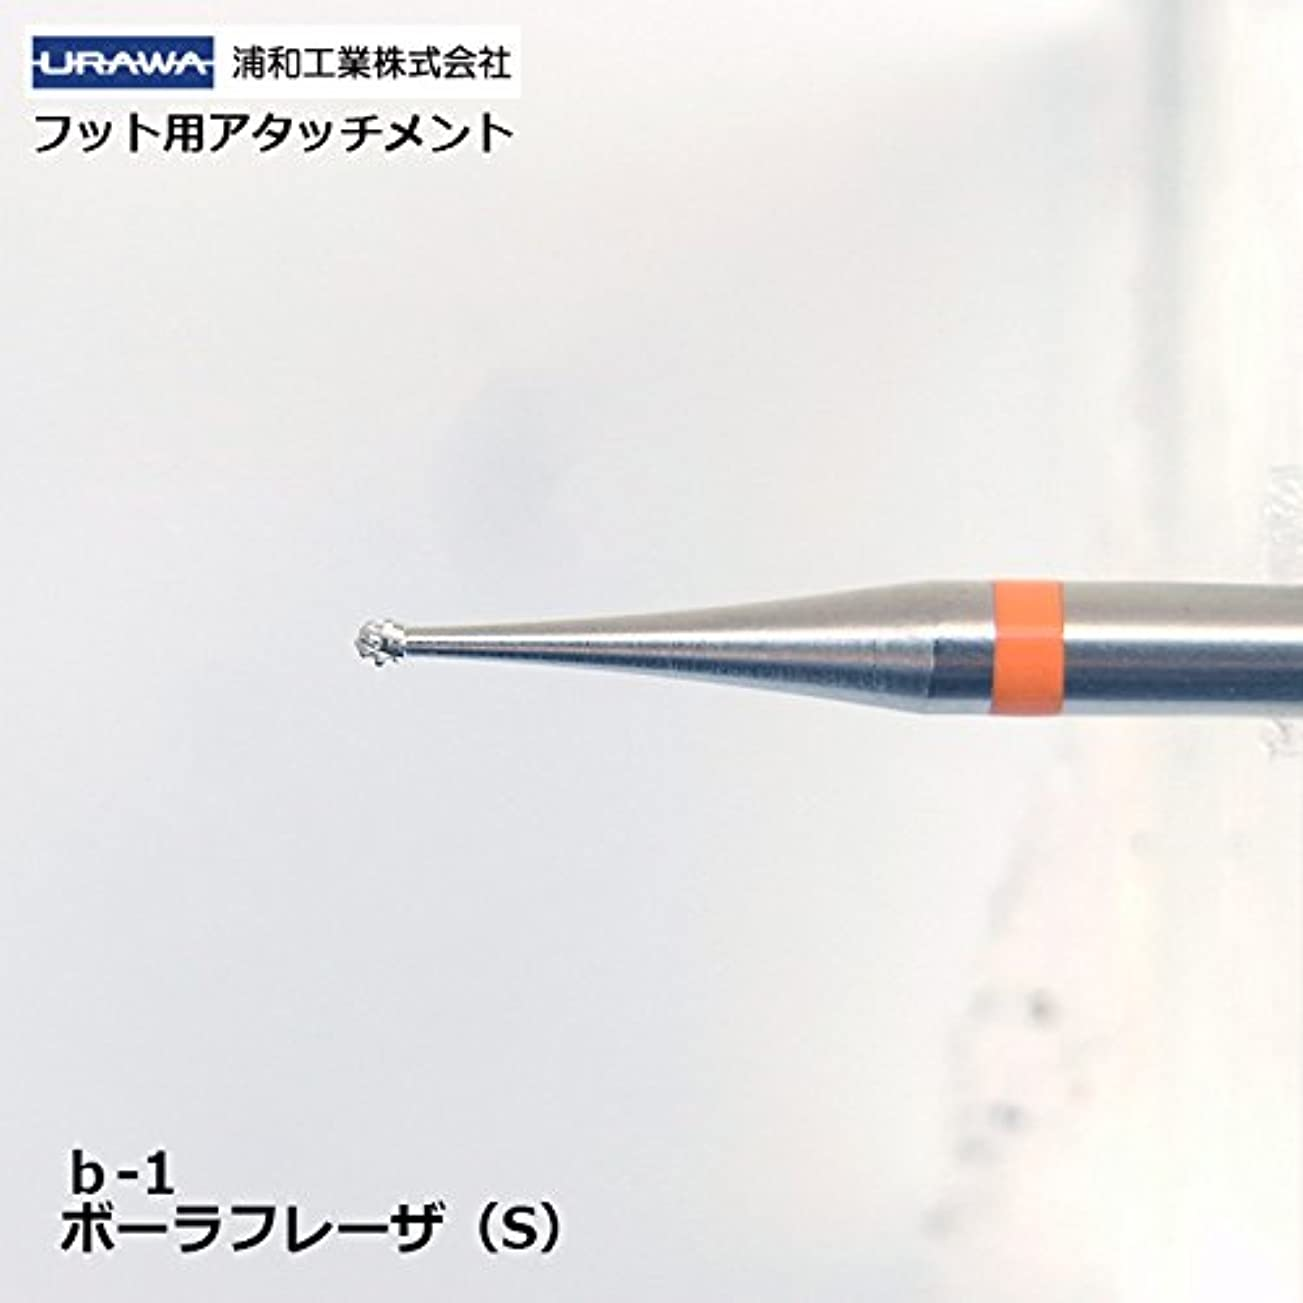 タービン幸運制限する【URAWA】ボーラフレーザーS(b-1)【フット用アタッチメント】